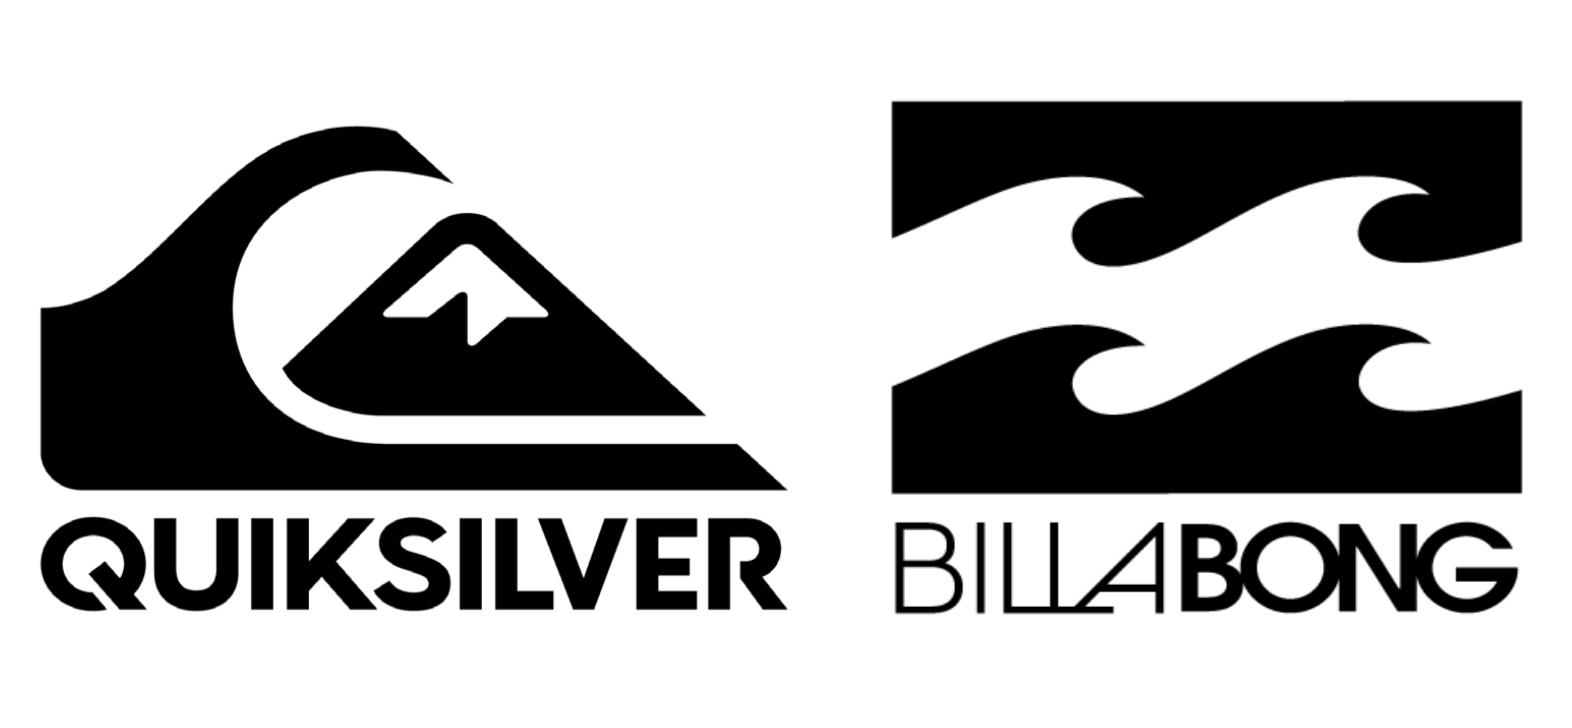 Boardriders (Quiksilver...) rachète Billabong - SportBuzzBusiness.fr 29fd3085155